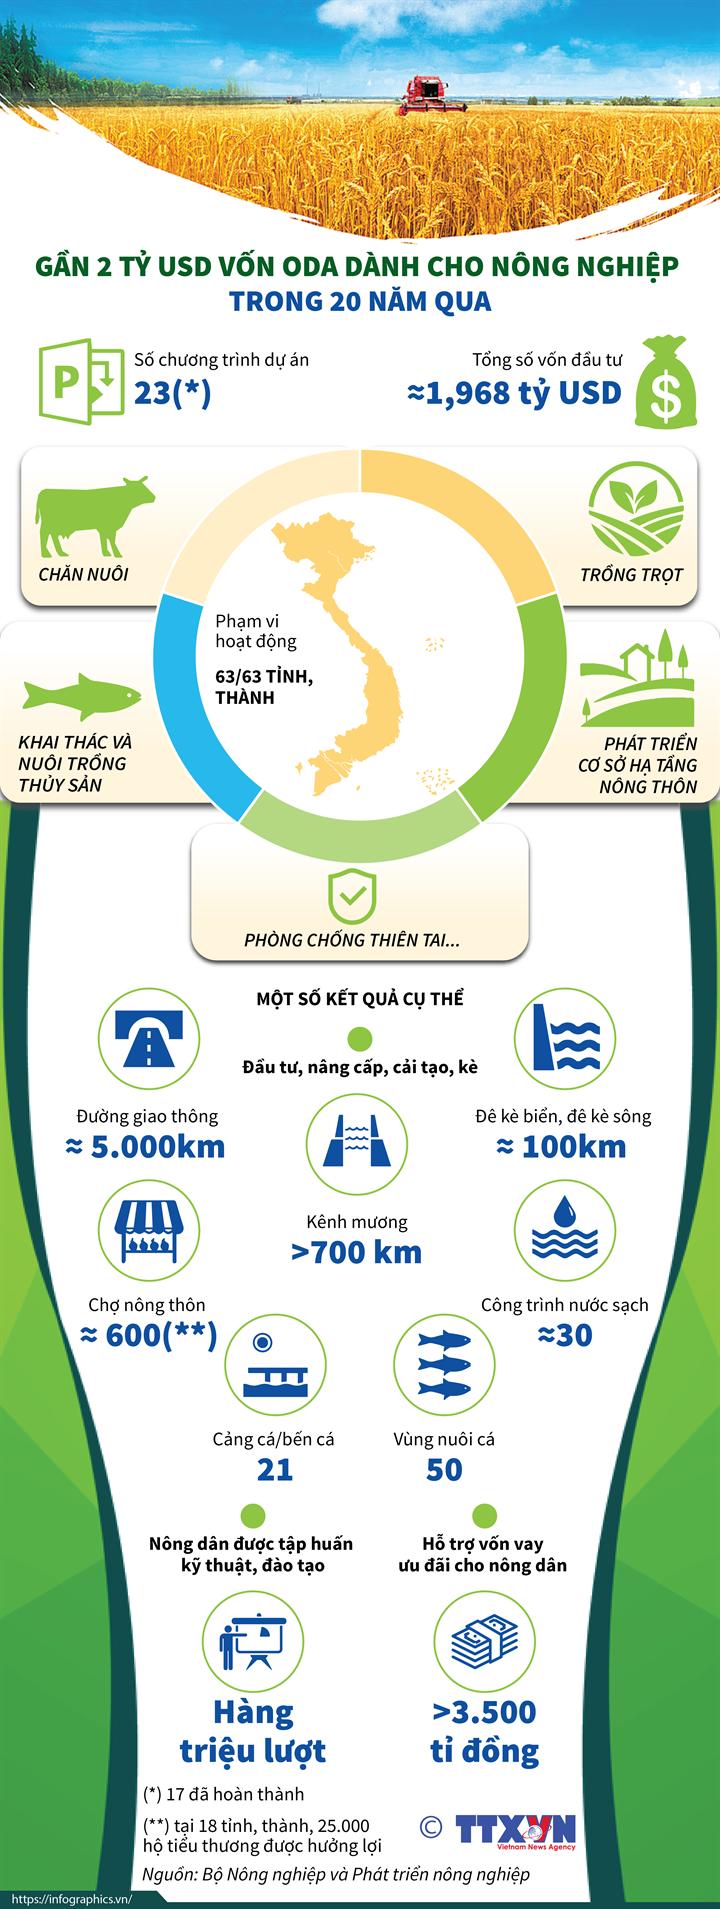 Gần 2 tỷ USD vốn ODA dành cho nông nghiệp trong 20 năm qua